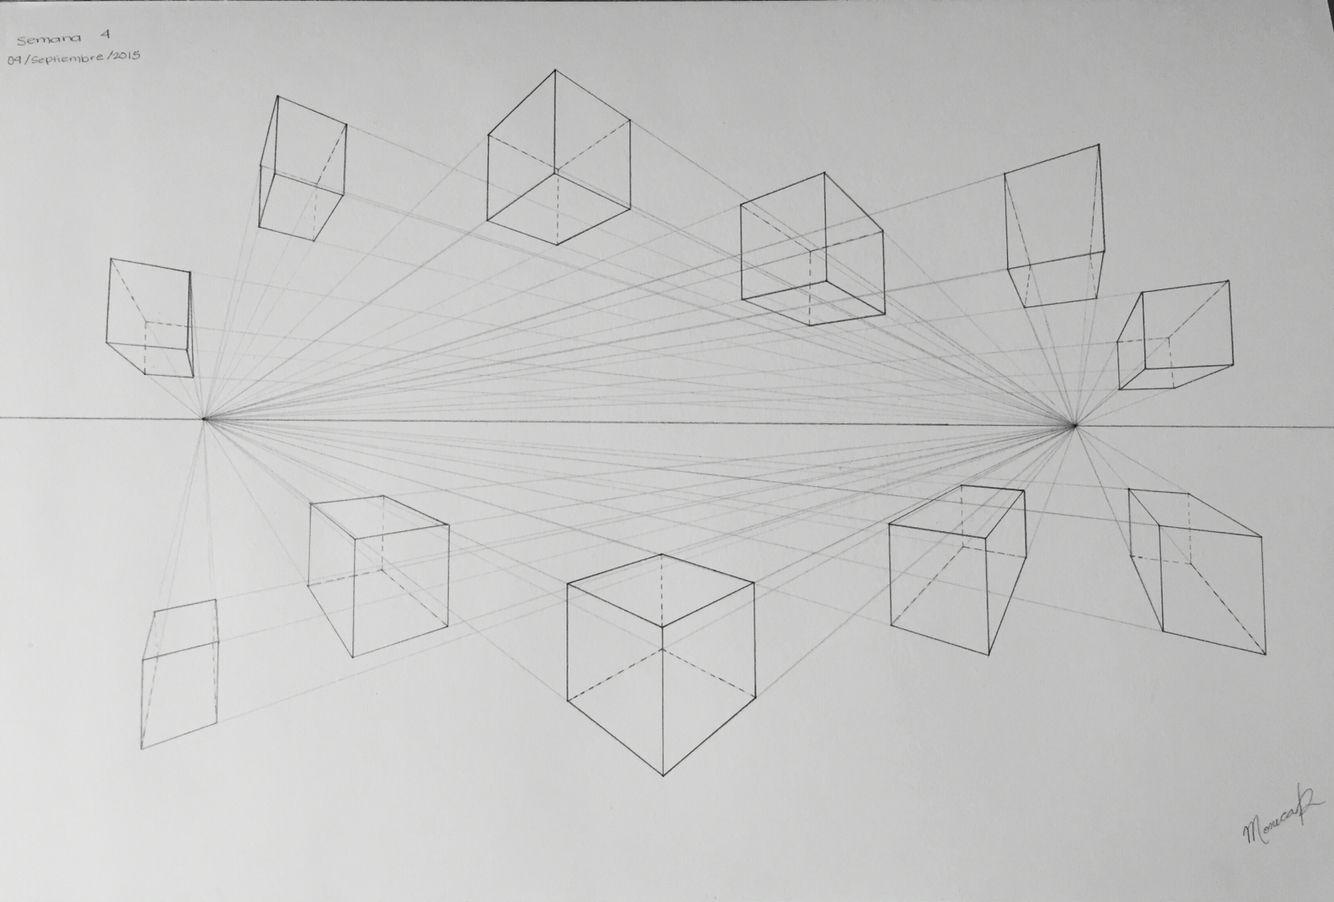 11 Modulos Con 2 Puntos De Fuga Arte De Escuela Secundaria Punto De Fuga Arte